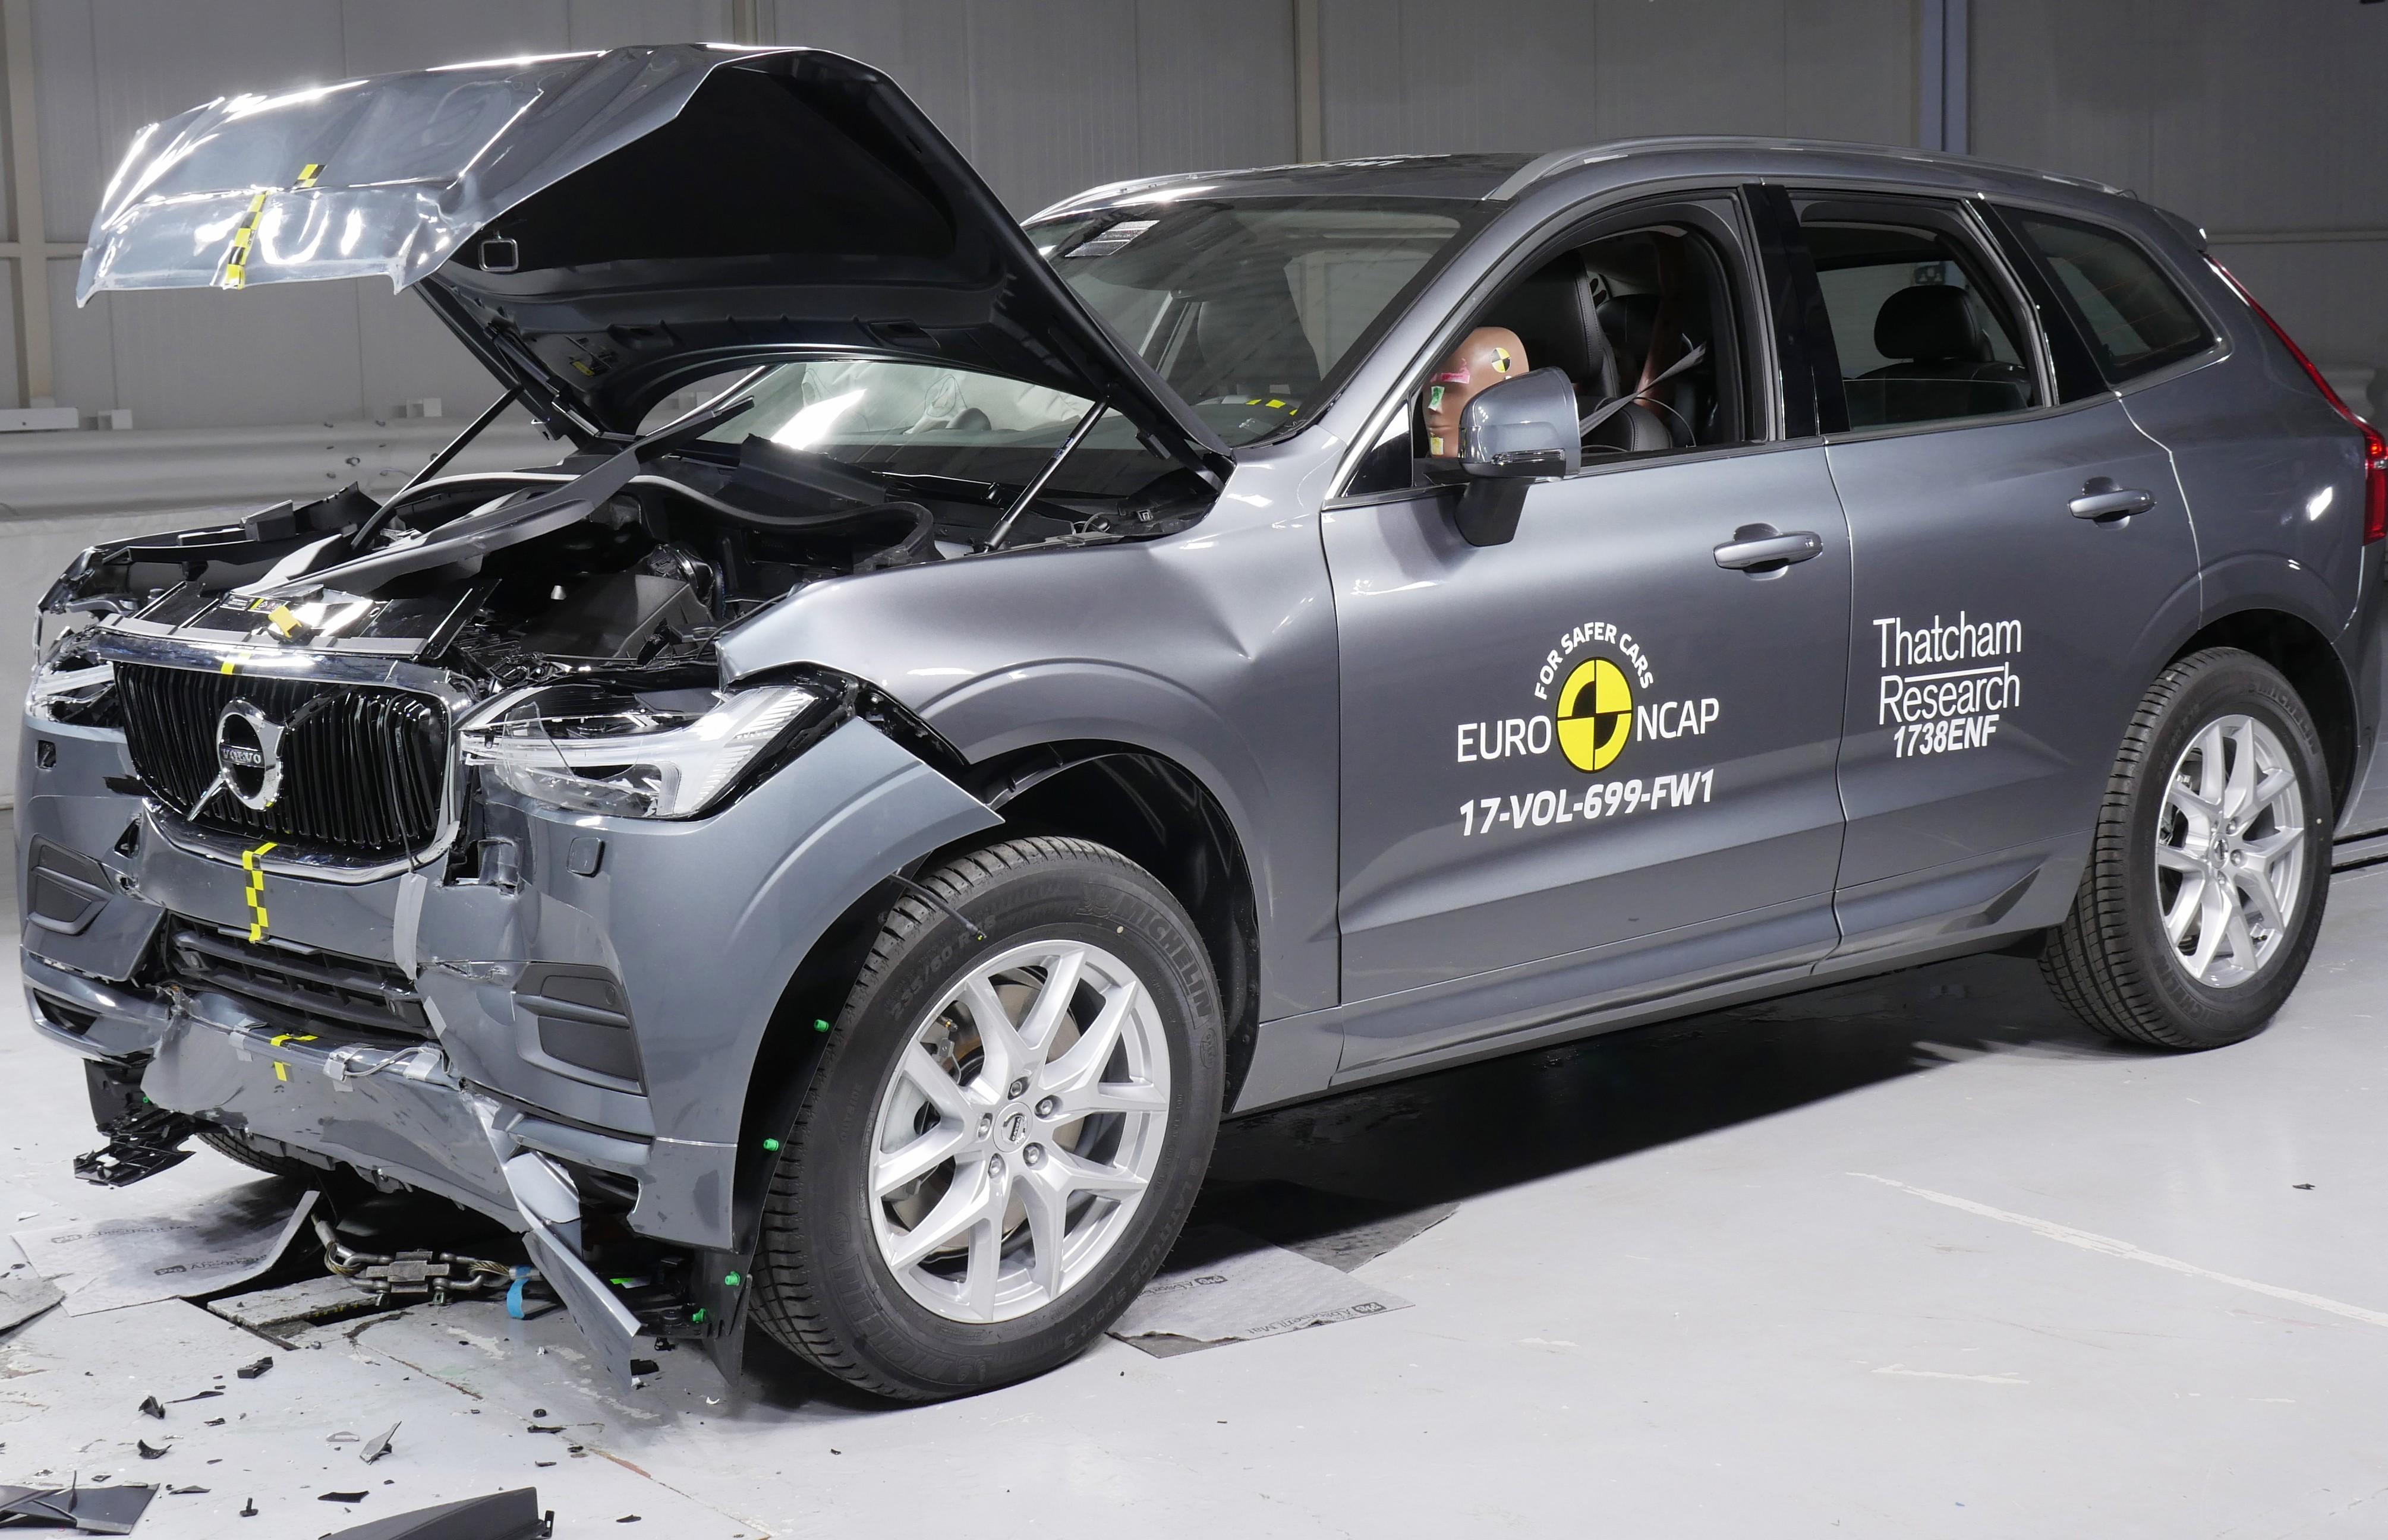 Volvo XC60 tira cinco estrelas no crash test do Euro NCAP (Foto: Divulgação)